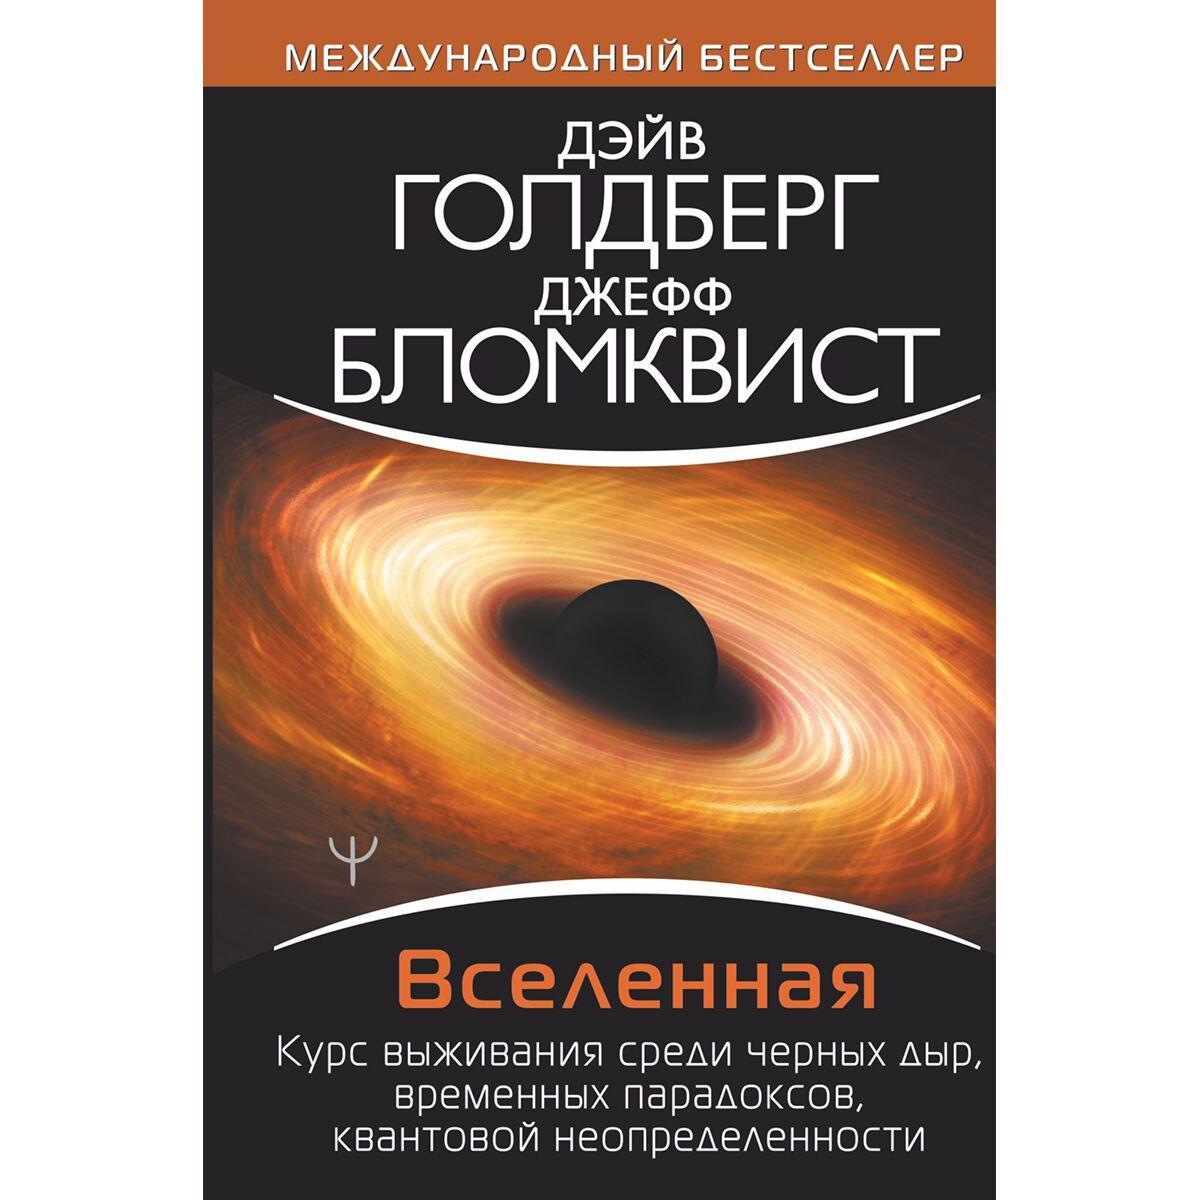 Голдберг Д., Бломквист Д.: Вселенная. Курс выживания среди черных дыр, временных парадоксов, квантовой